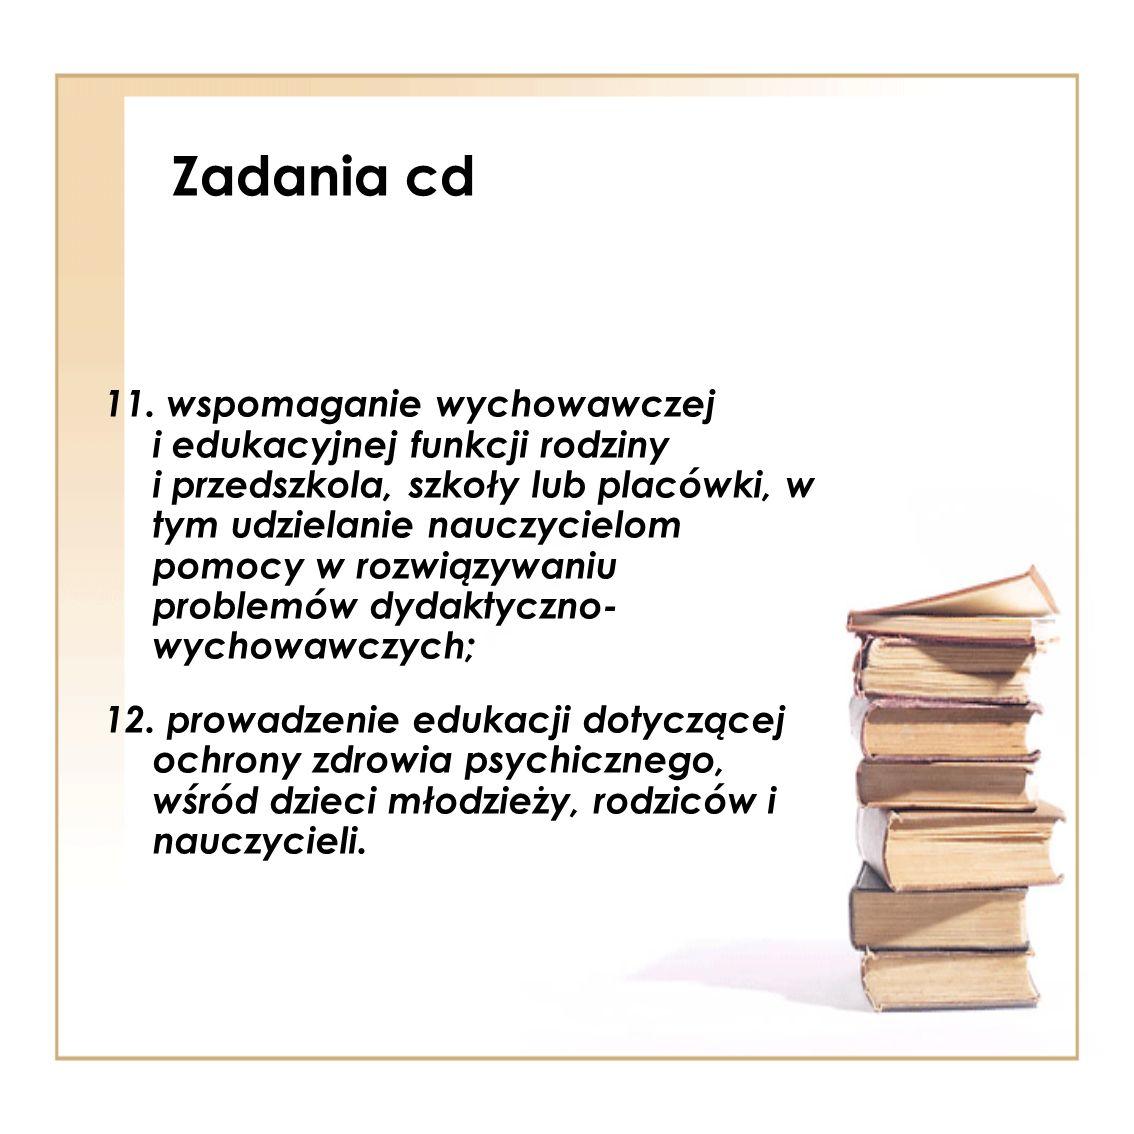 Zadania cd 11. wspomaganie wychowawczej i edukacyjnej funkcji rodziny i przedszkola, szkoły lub placówki, w tym udzielanie nauczycielom pomocy w rozwi